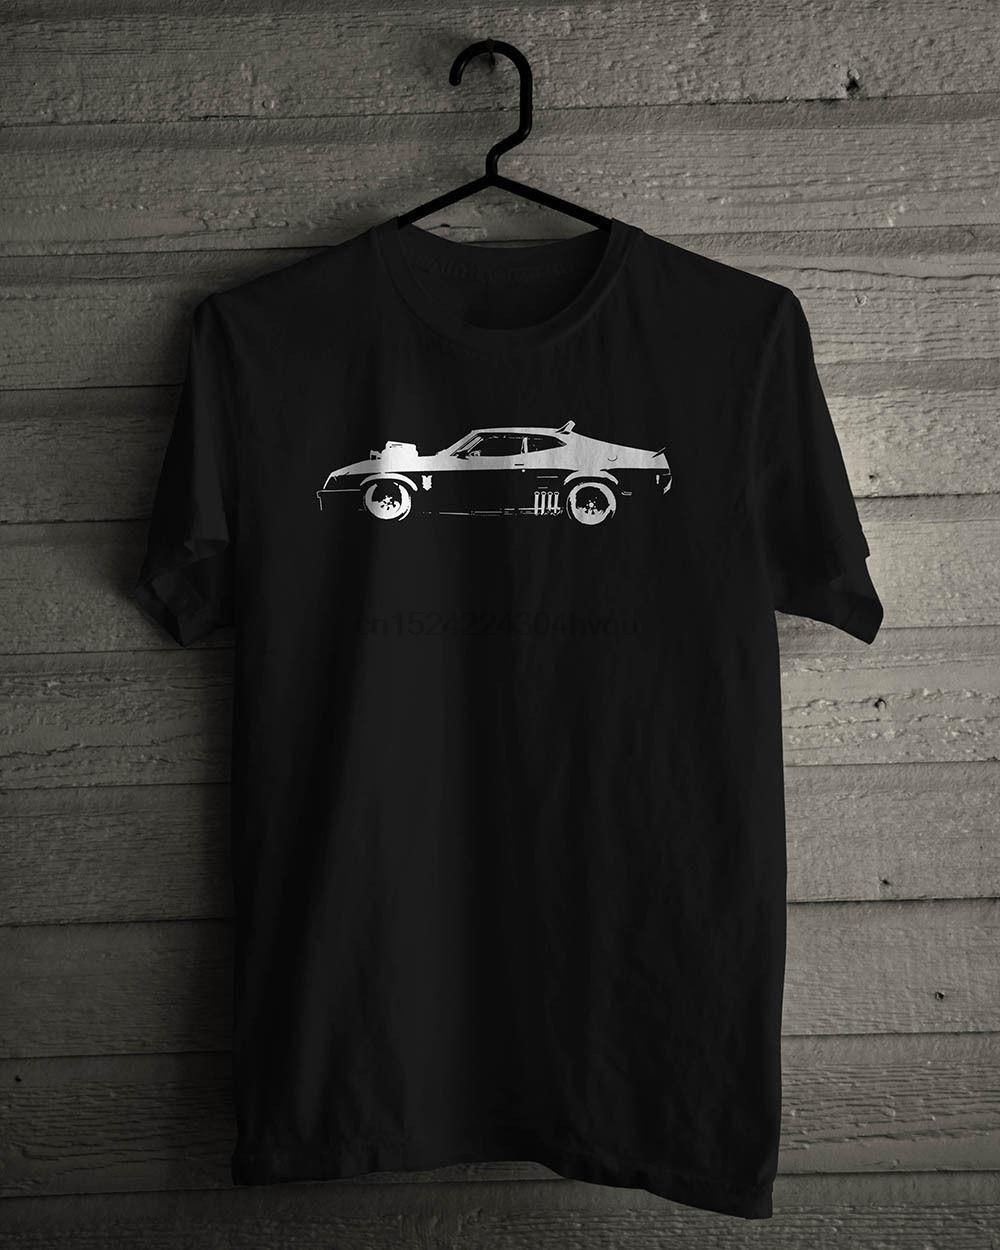 Negro coche nuevo Mad Max Interceptor la camiseta del tamaño S-5XL